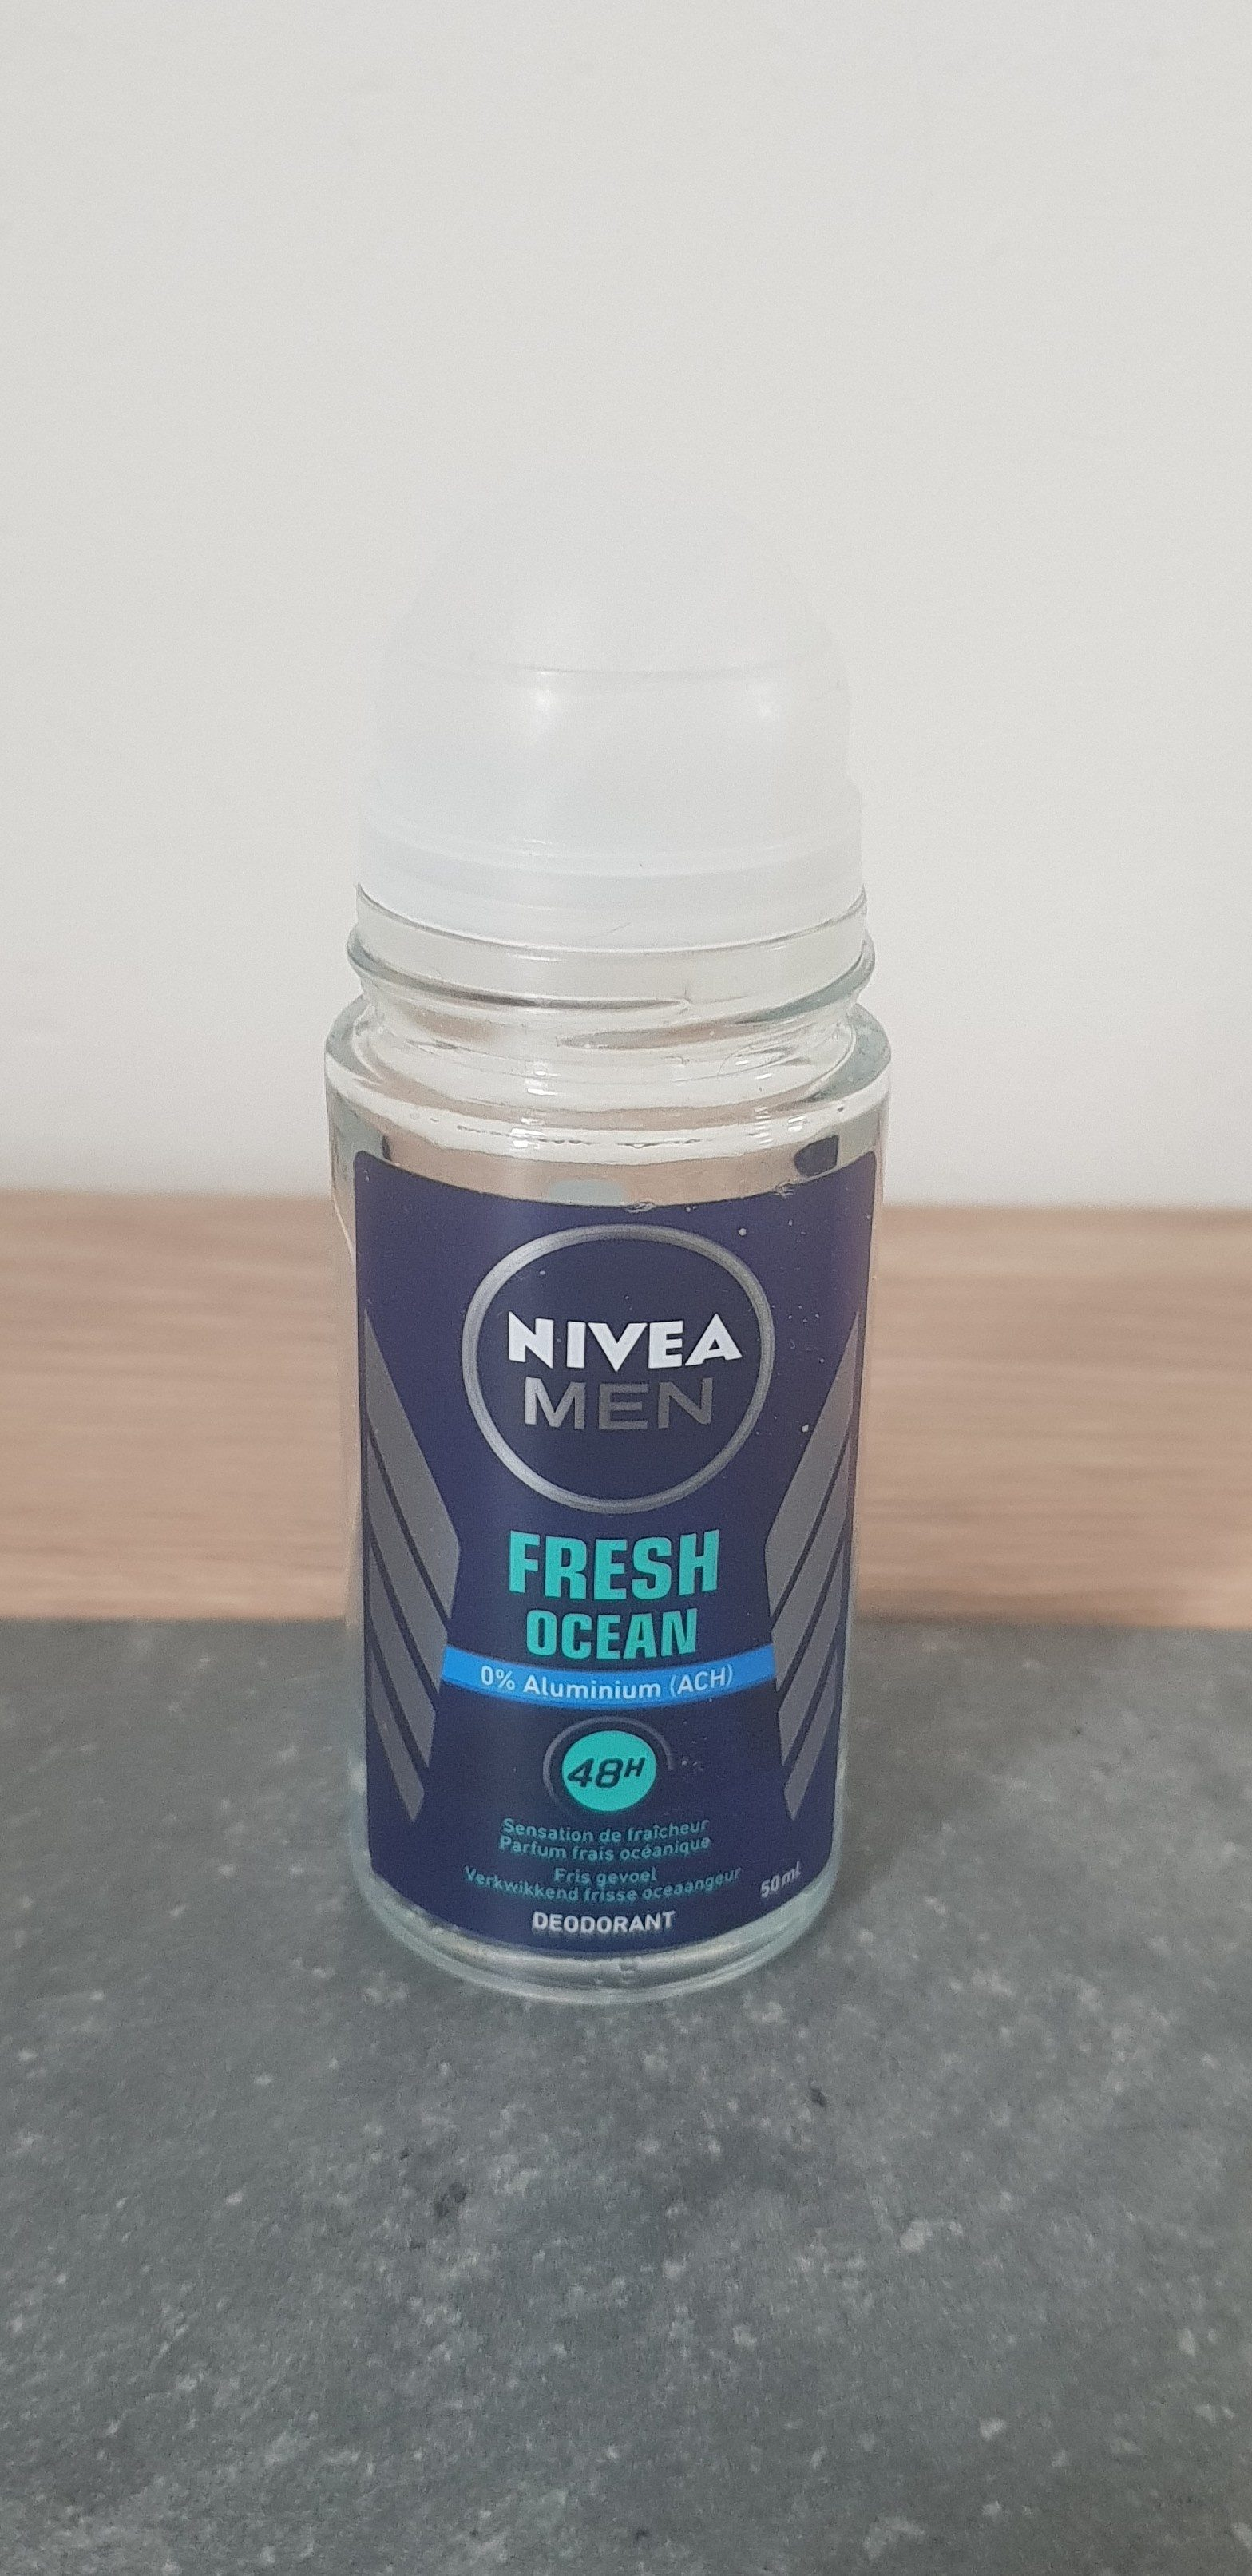 Nivea Men - Product - fr